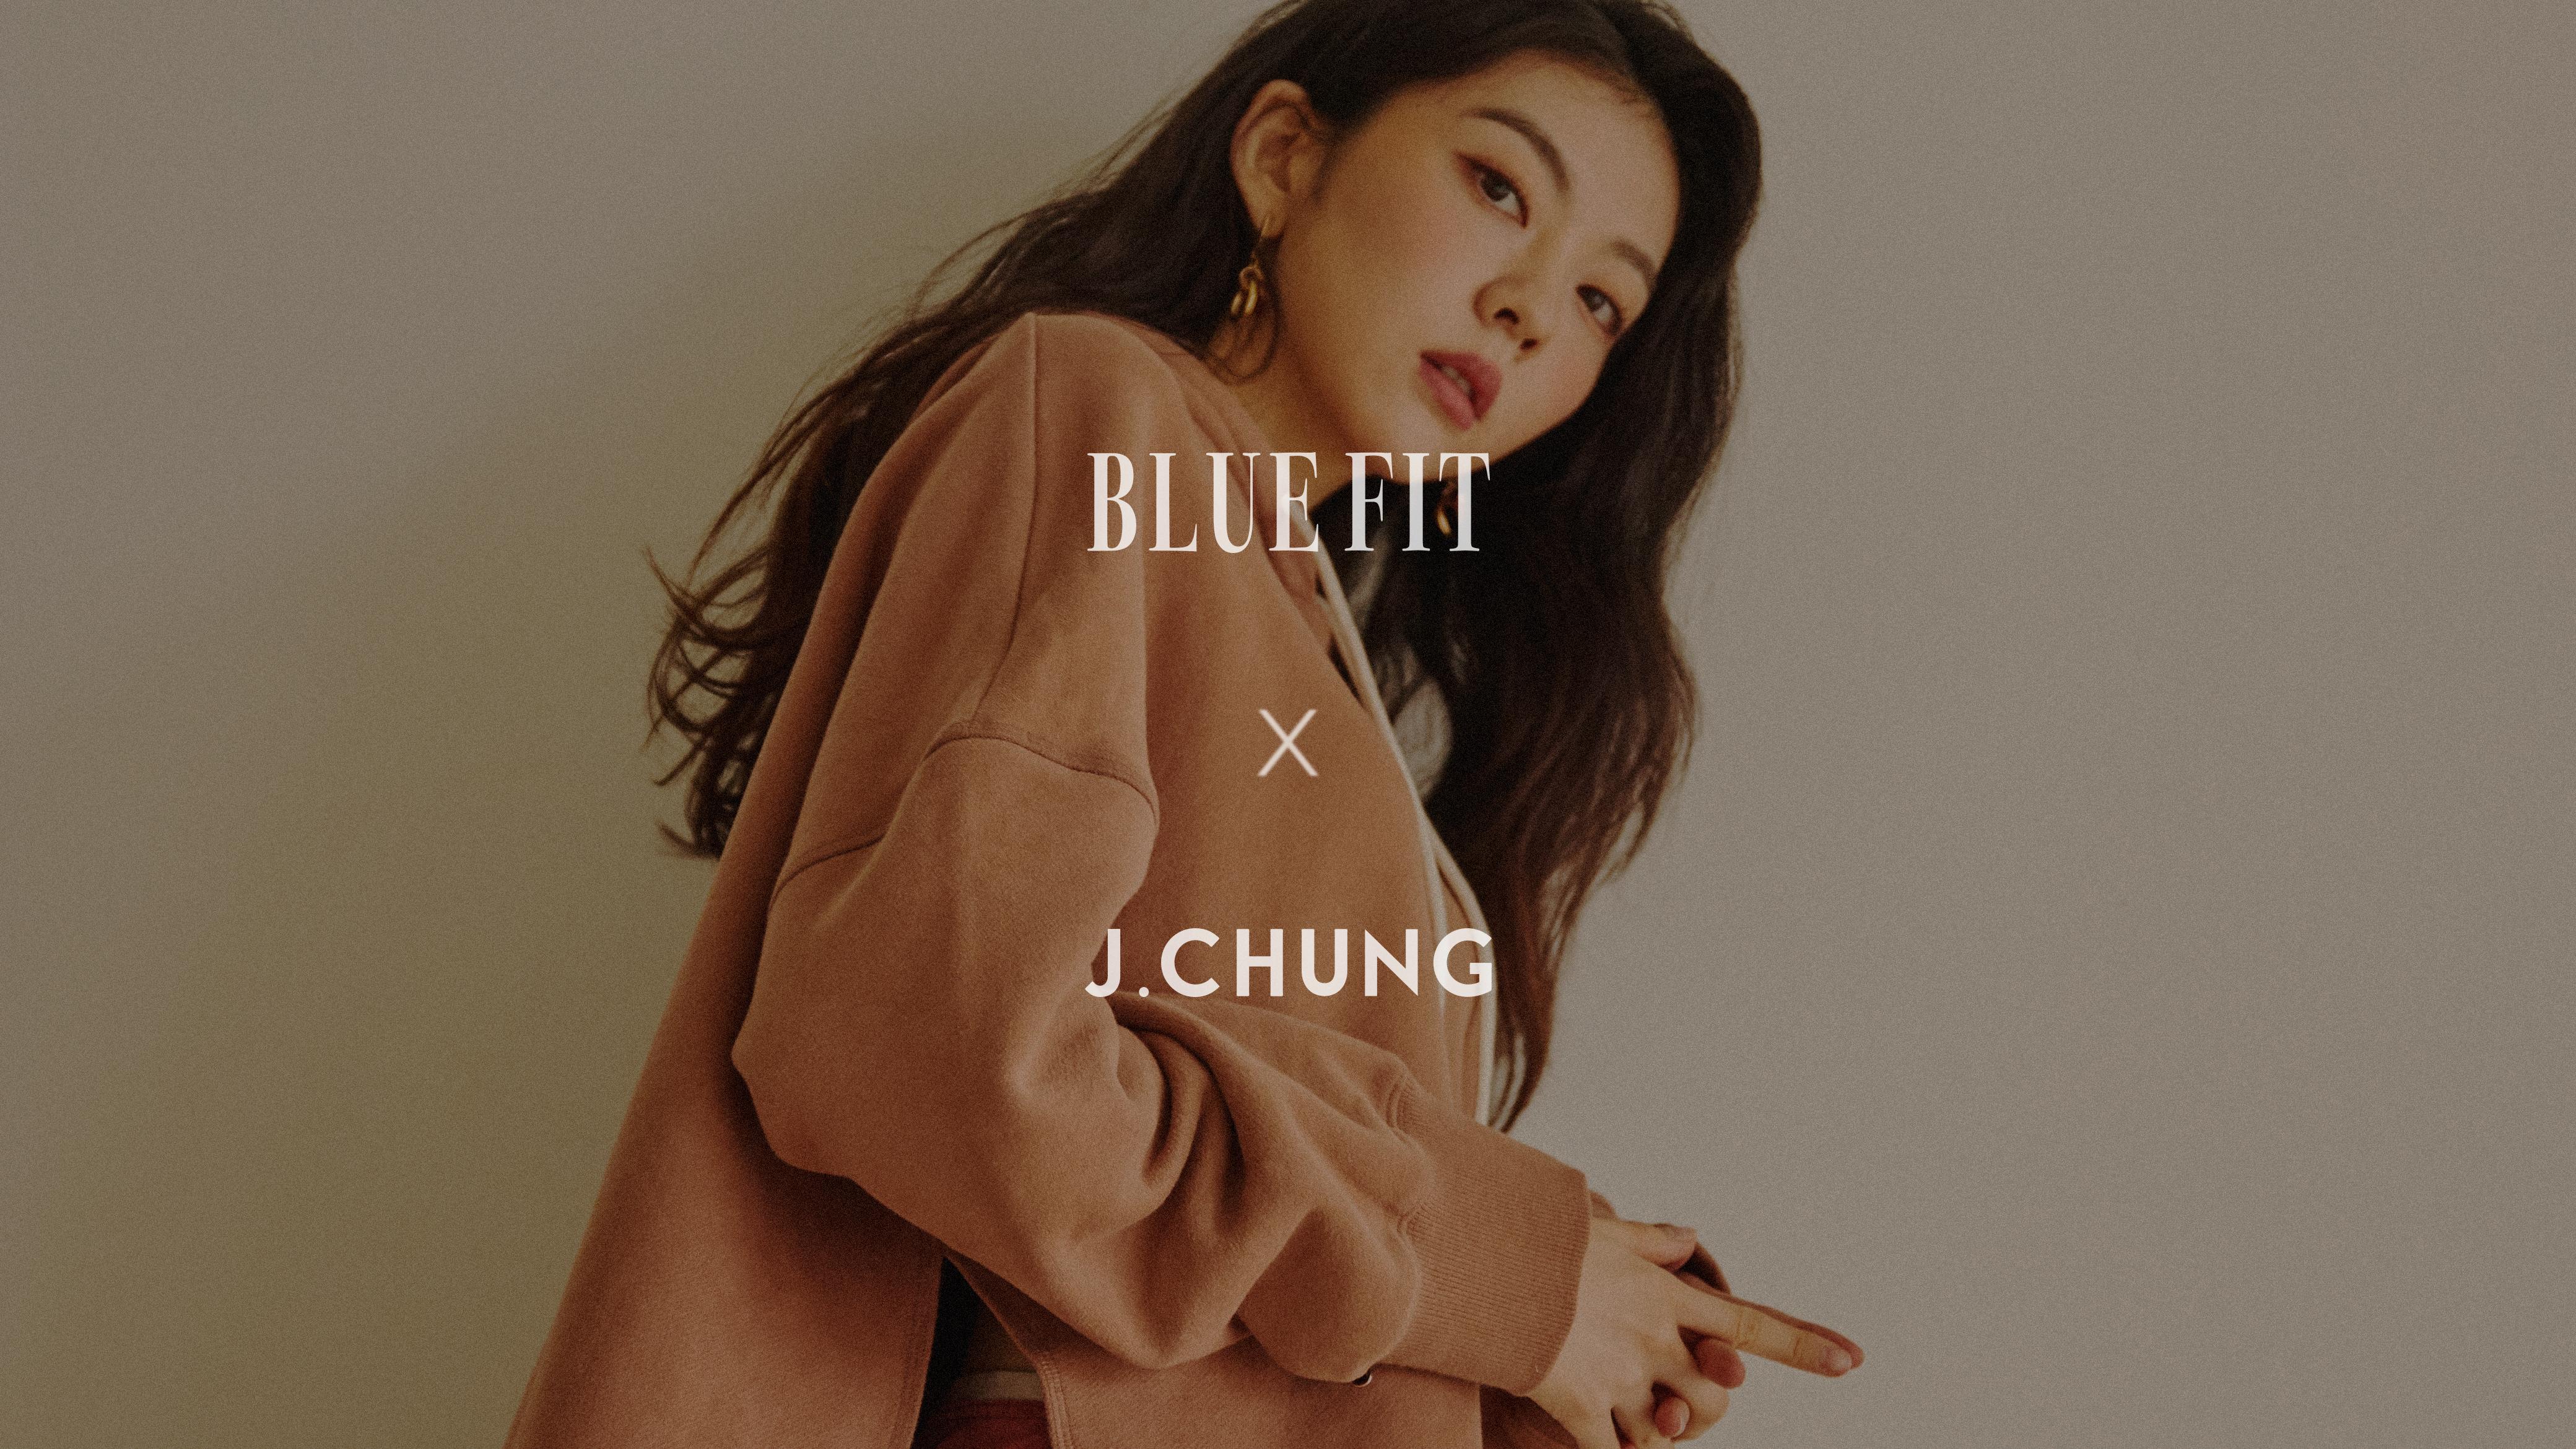 Bluefit x J.CHUNG